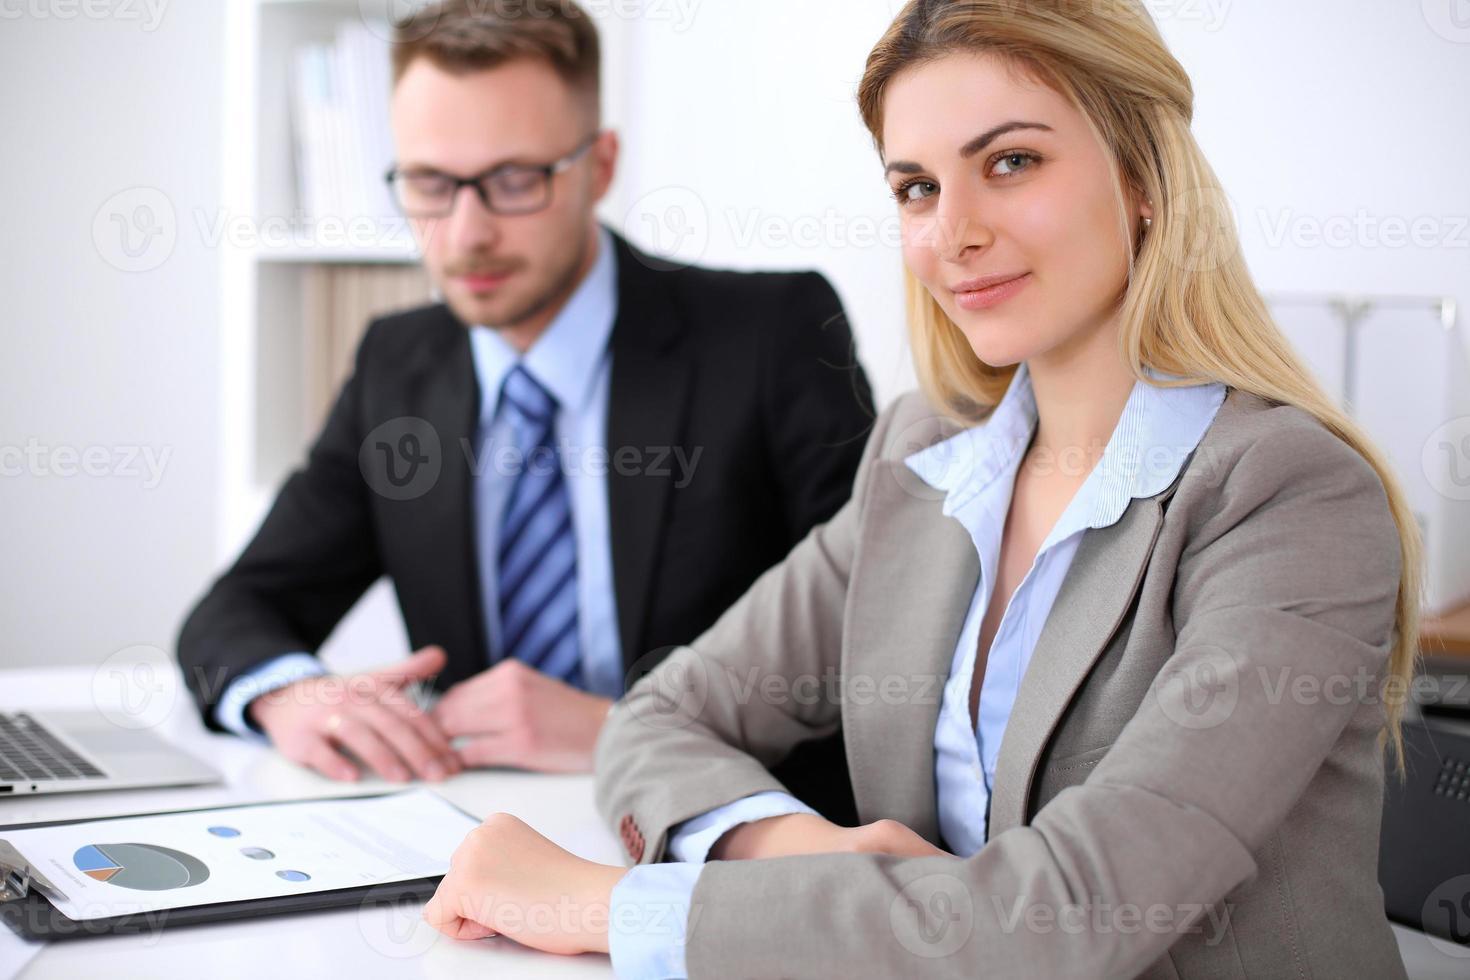 due partner commerciali di successo che lavorano alla riunione in carica foto